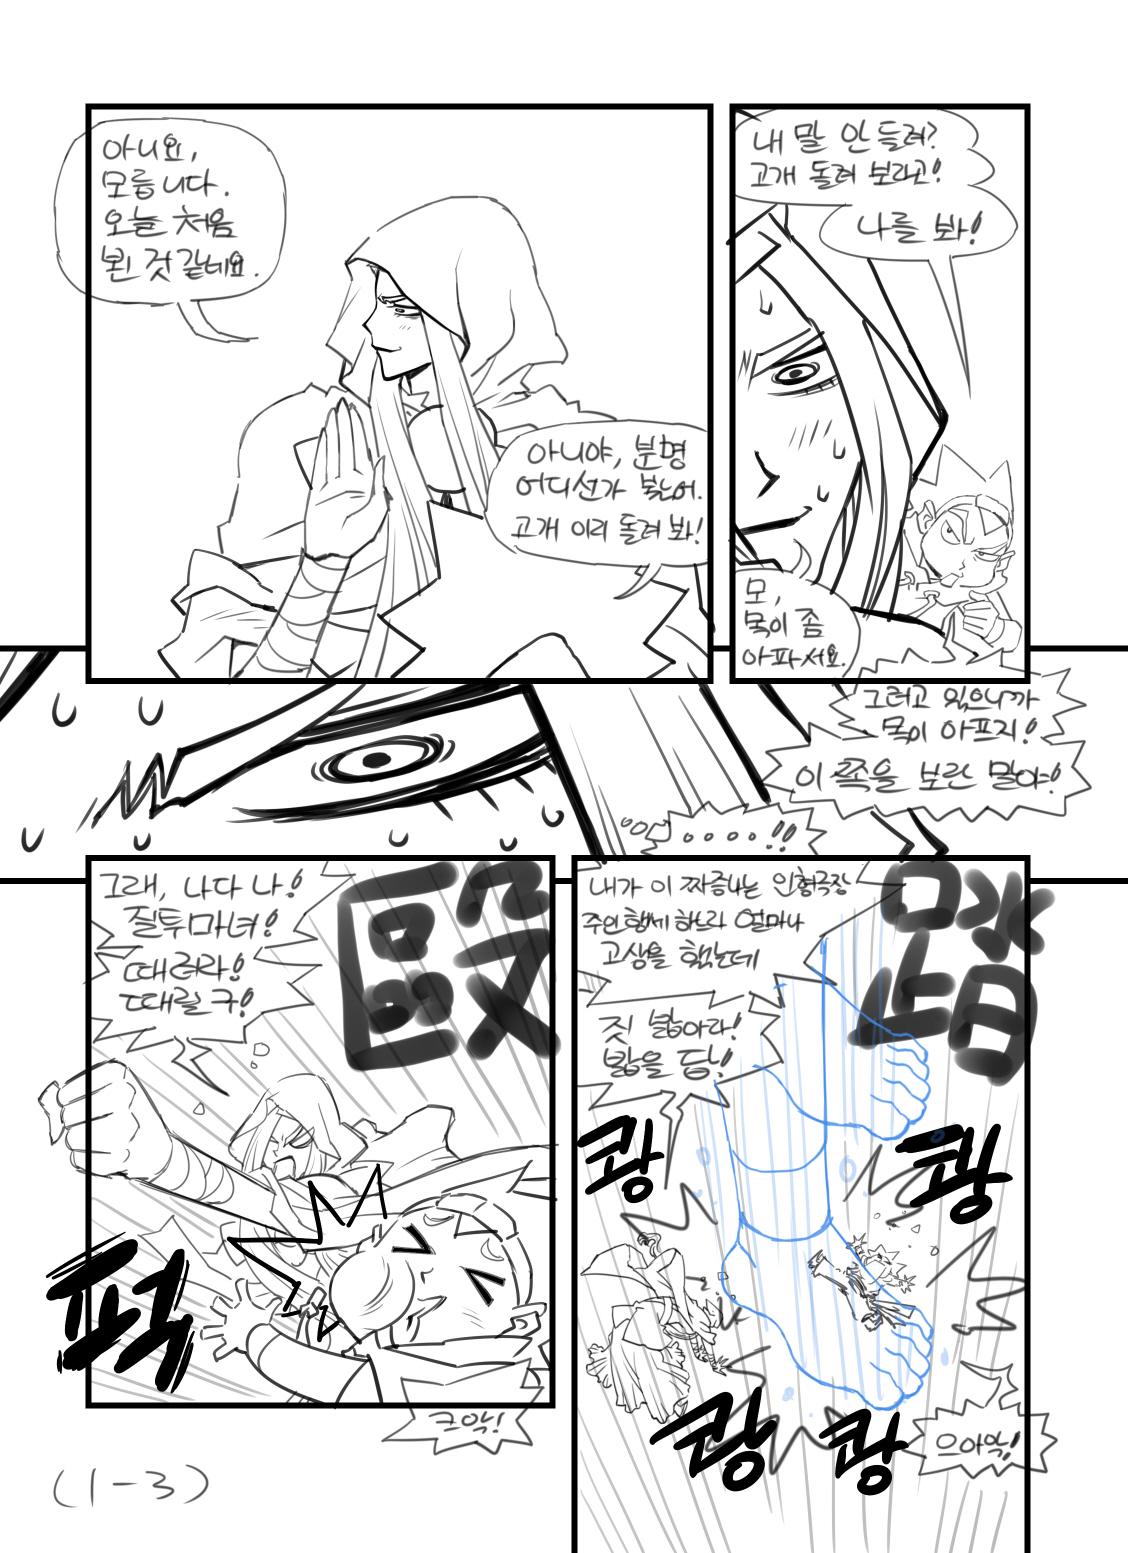 36권 제작과정 공개_1탄_02